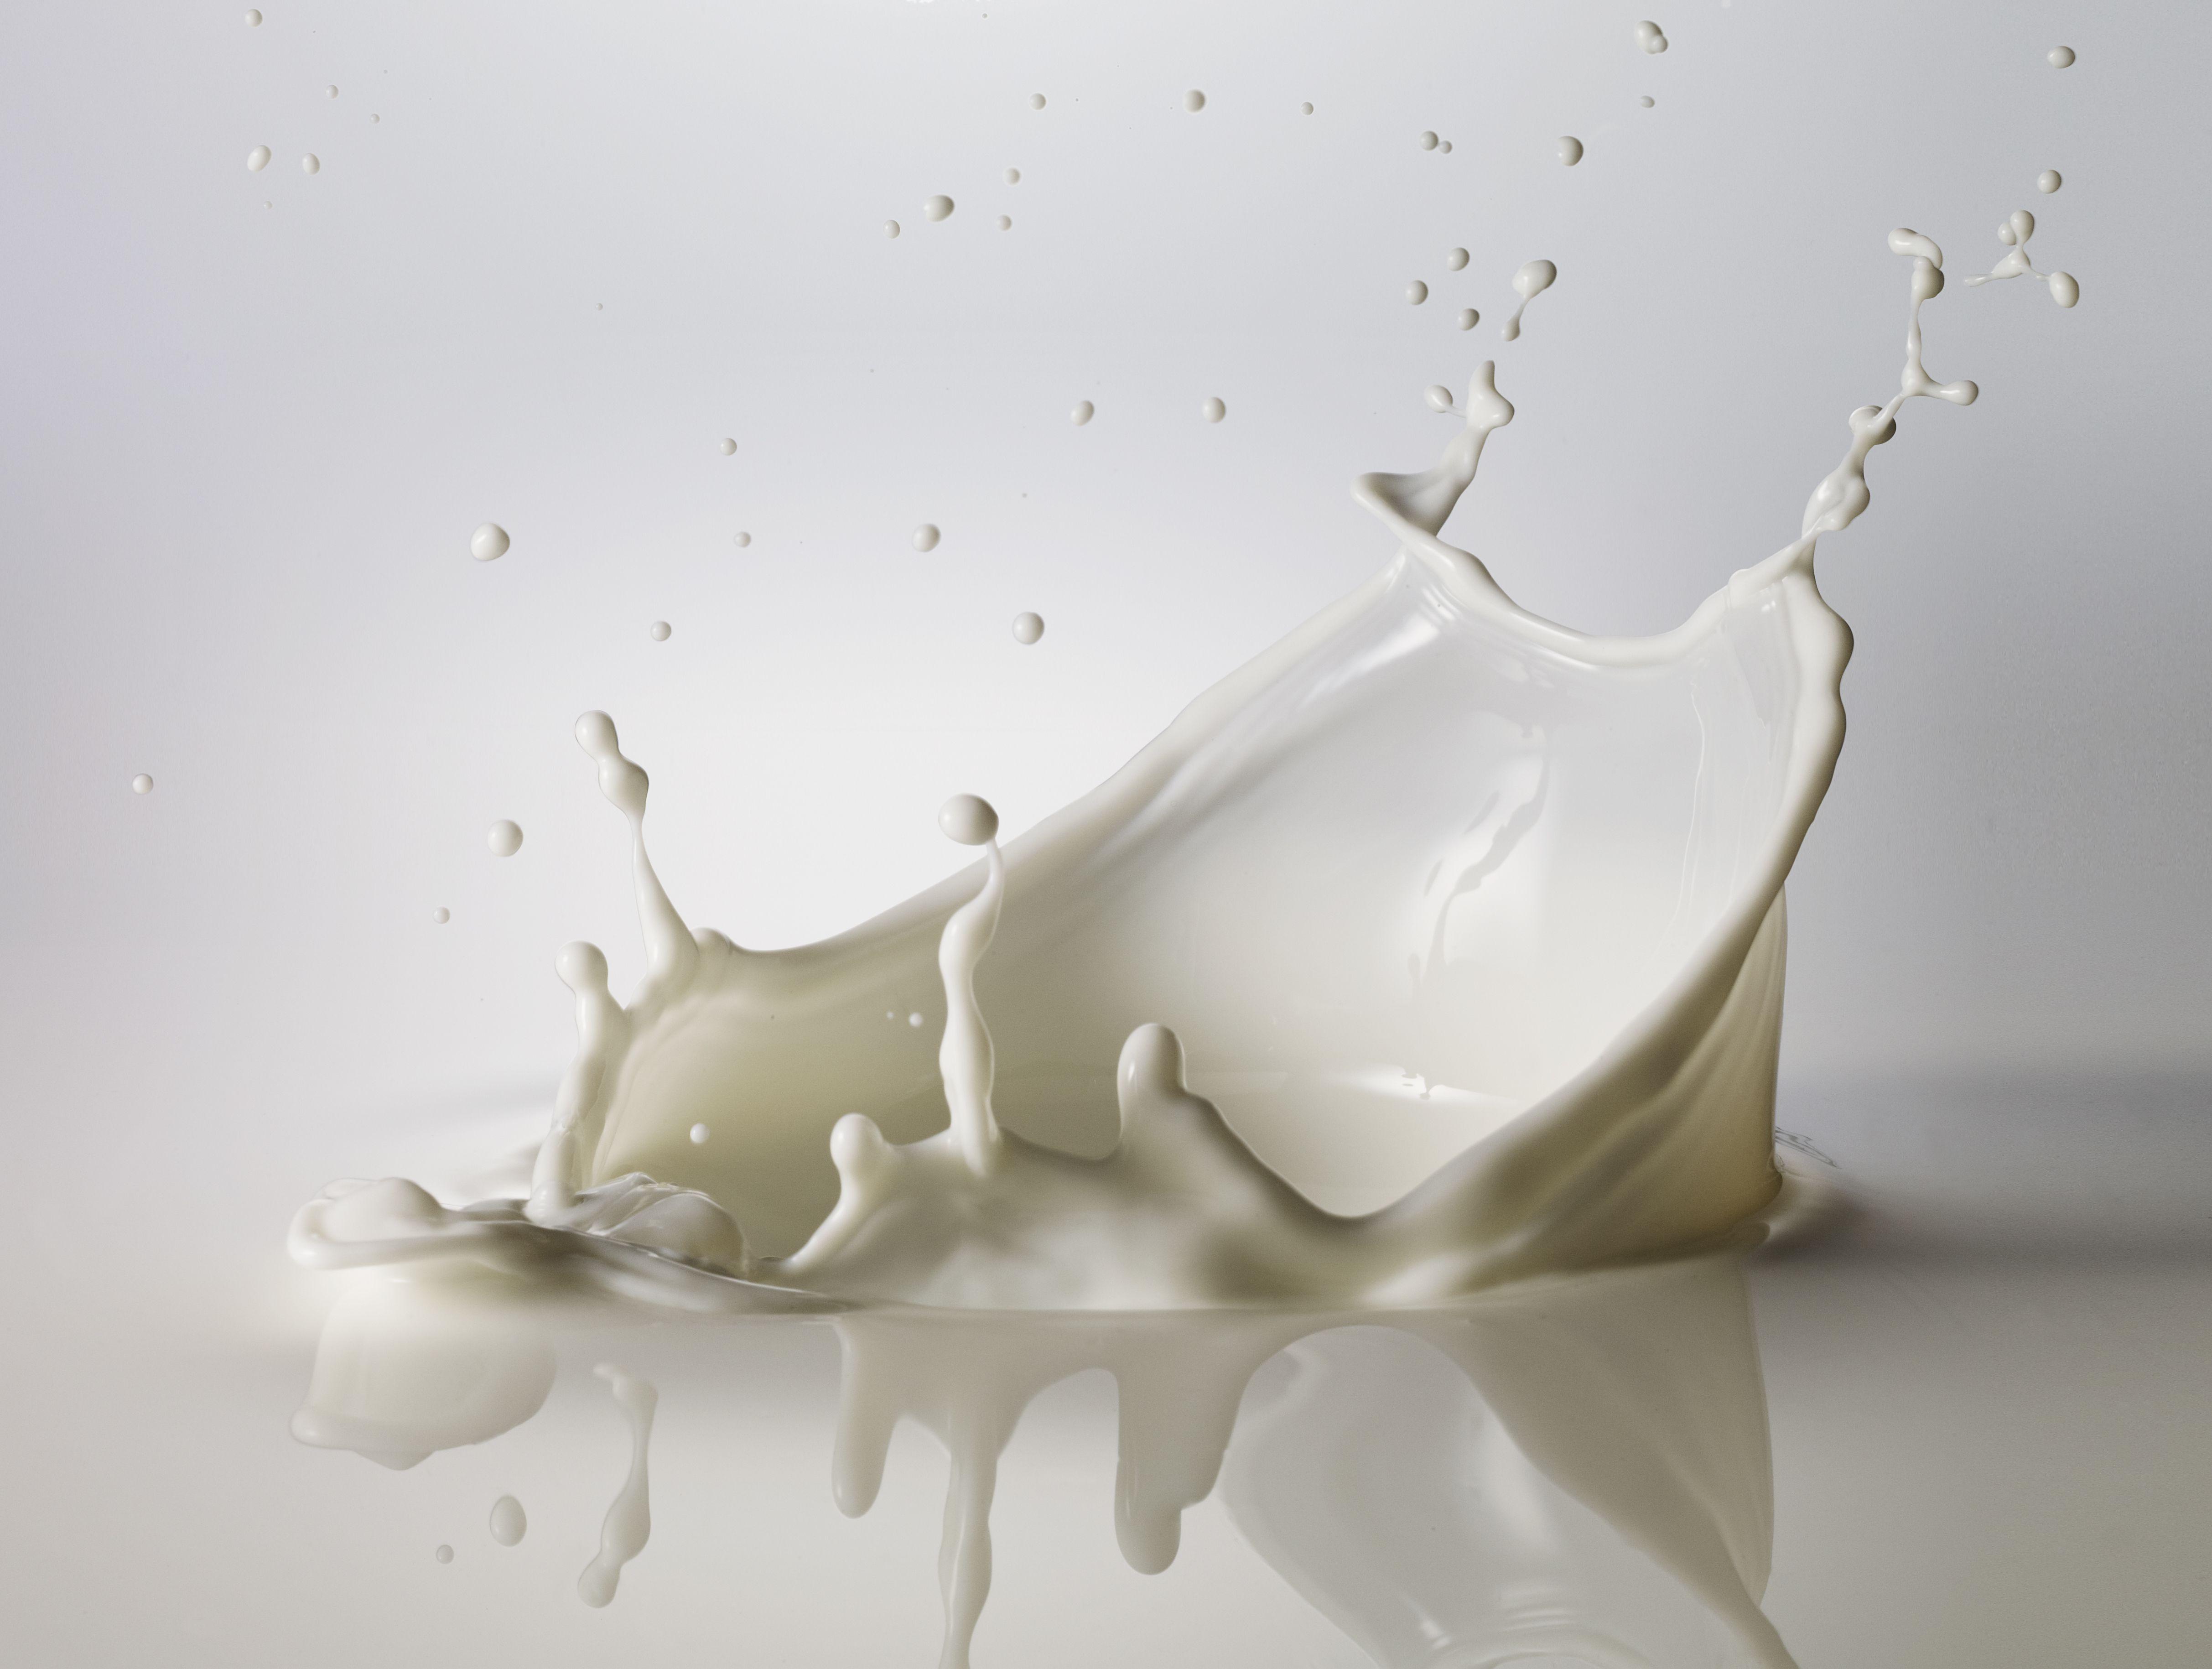 High speed image of splashing milk